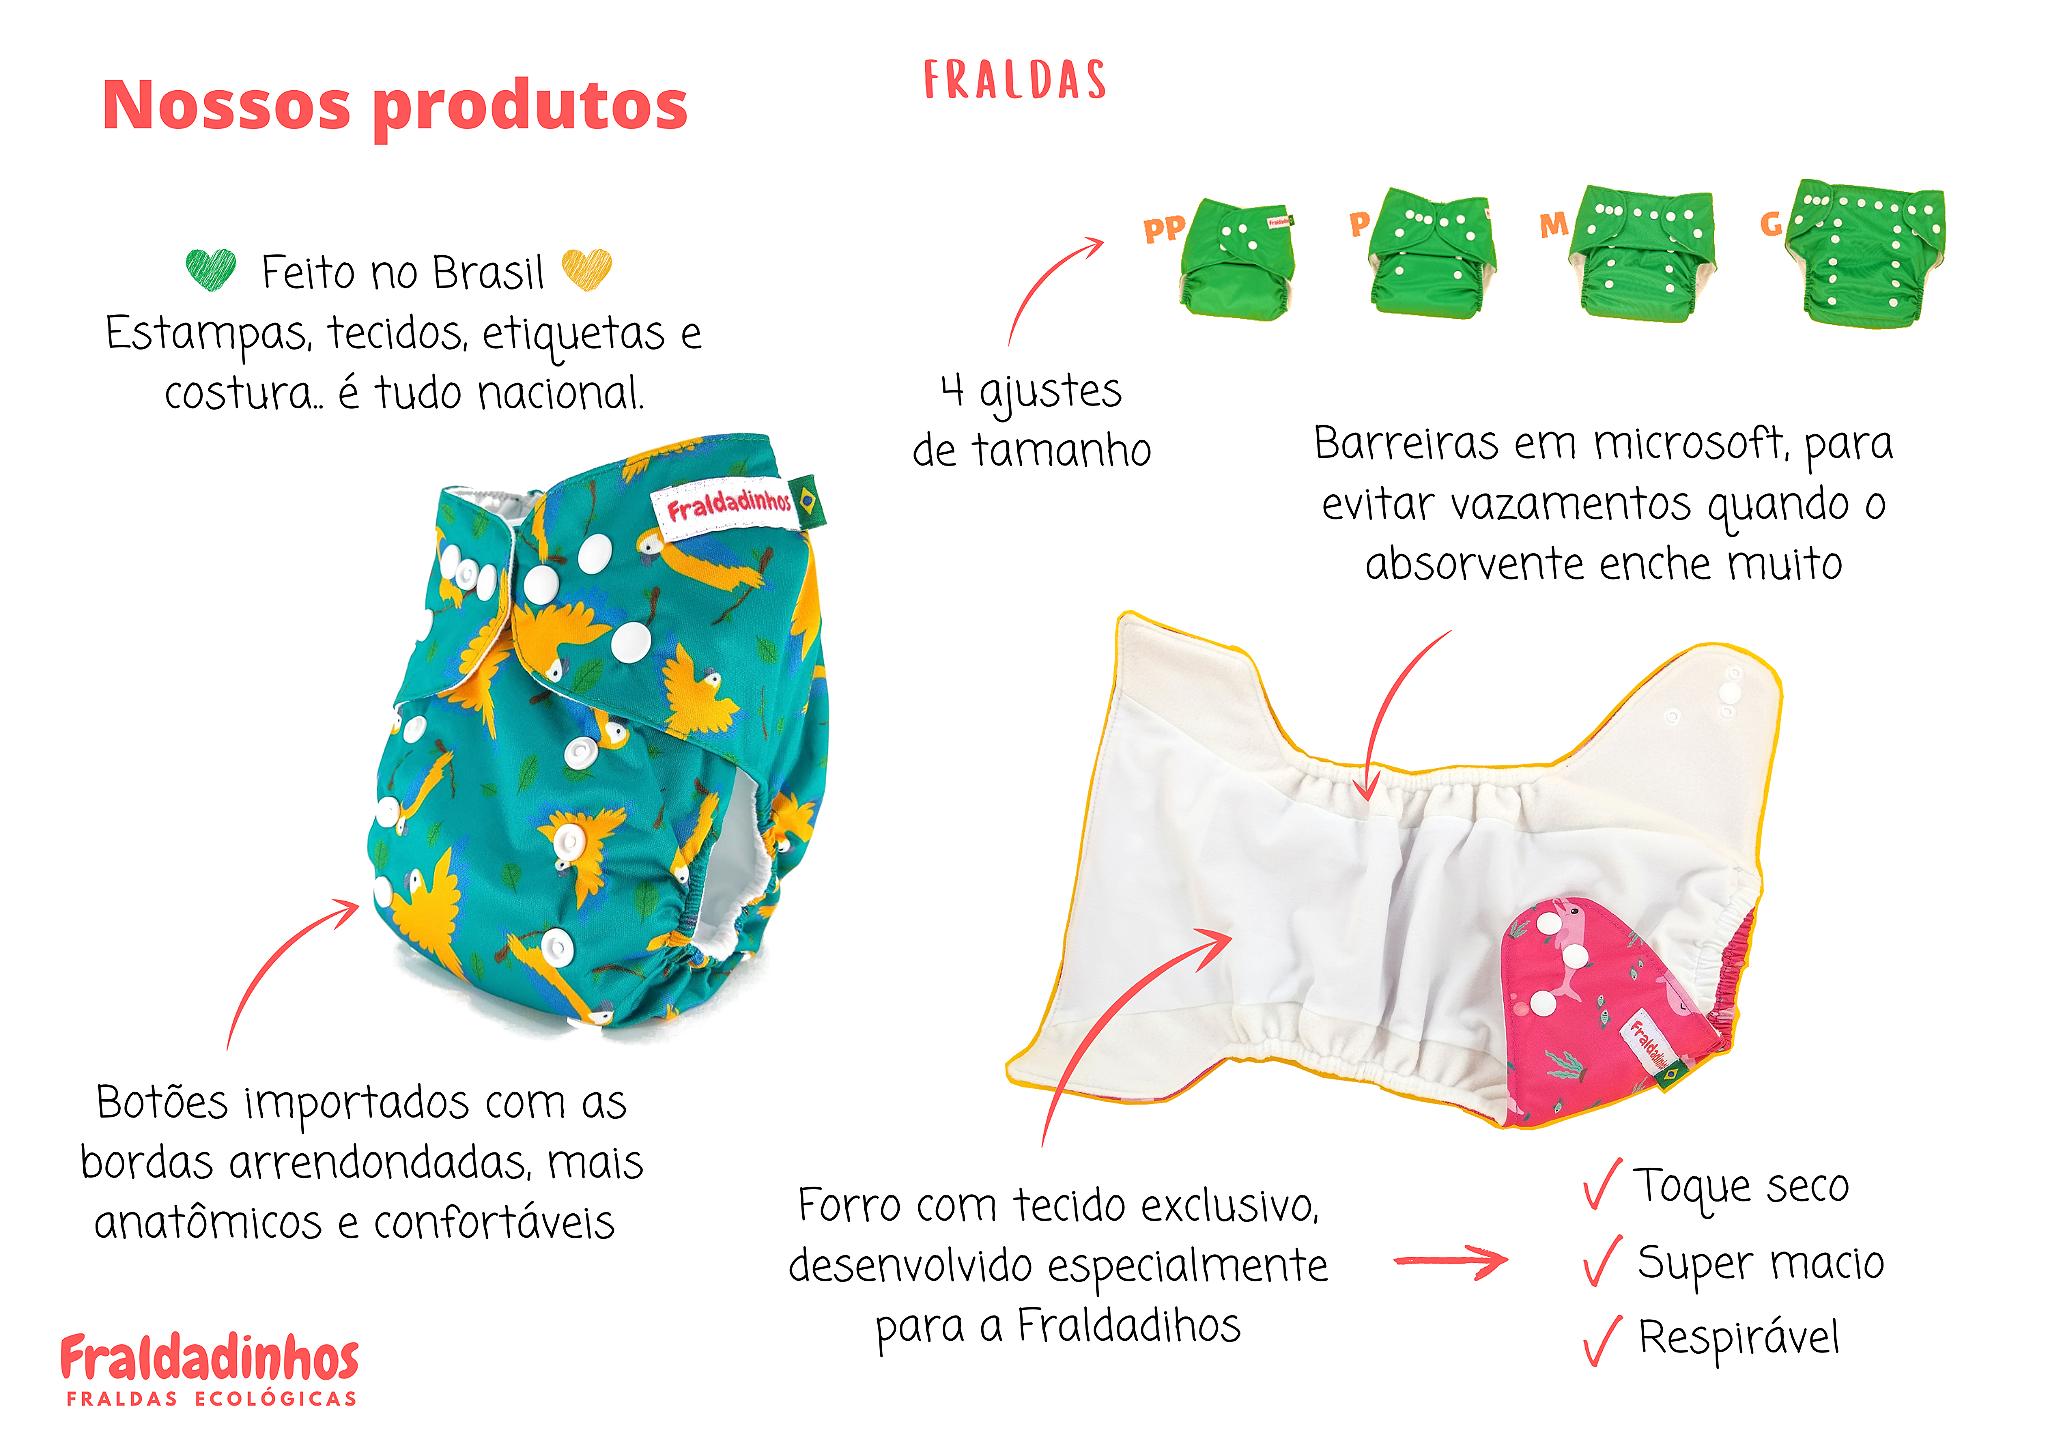 fraldadinhos-fraldas-ecologicas-detalhes-produto-fralda